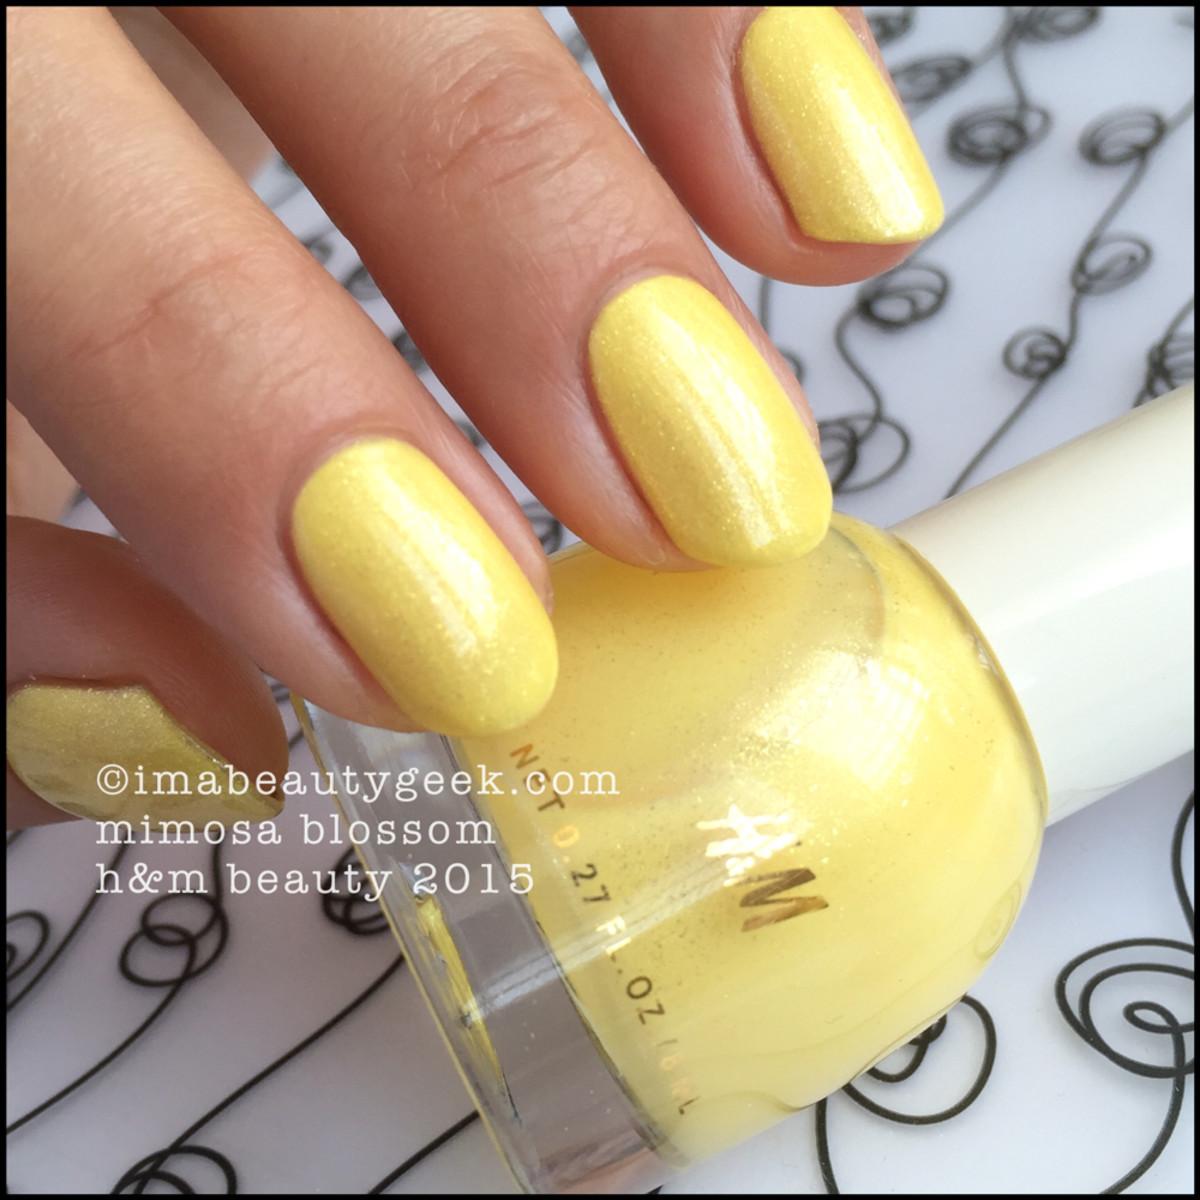 HM Nail Polish_HM Mimosa Blossom